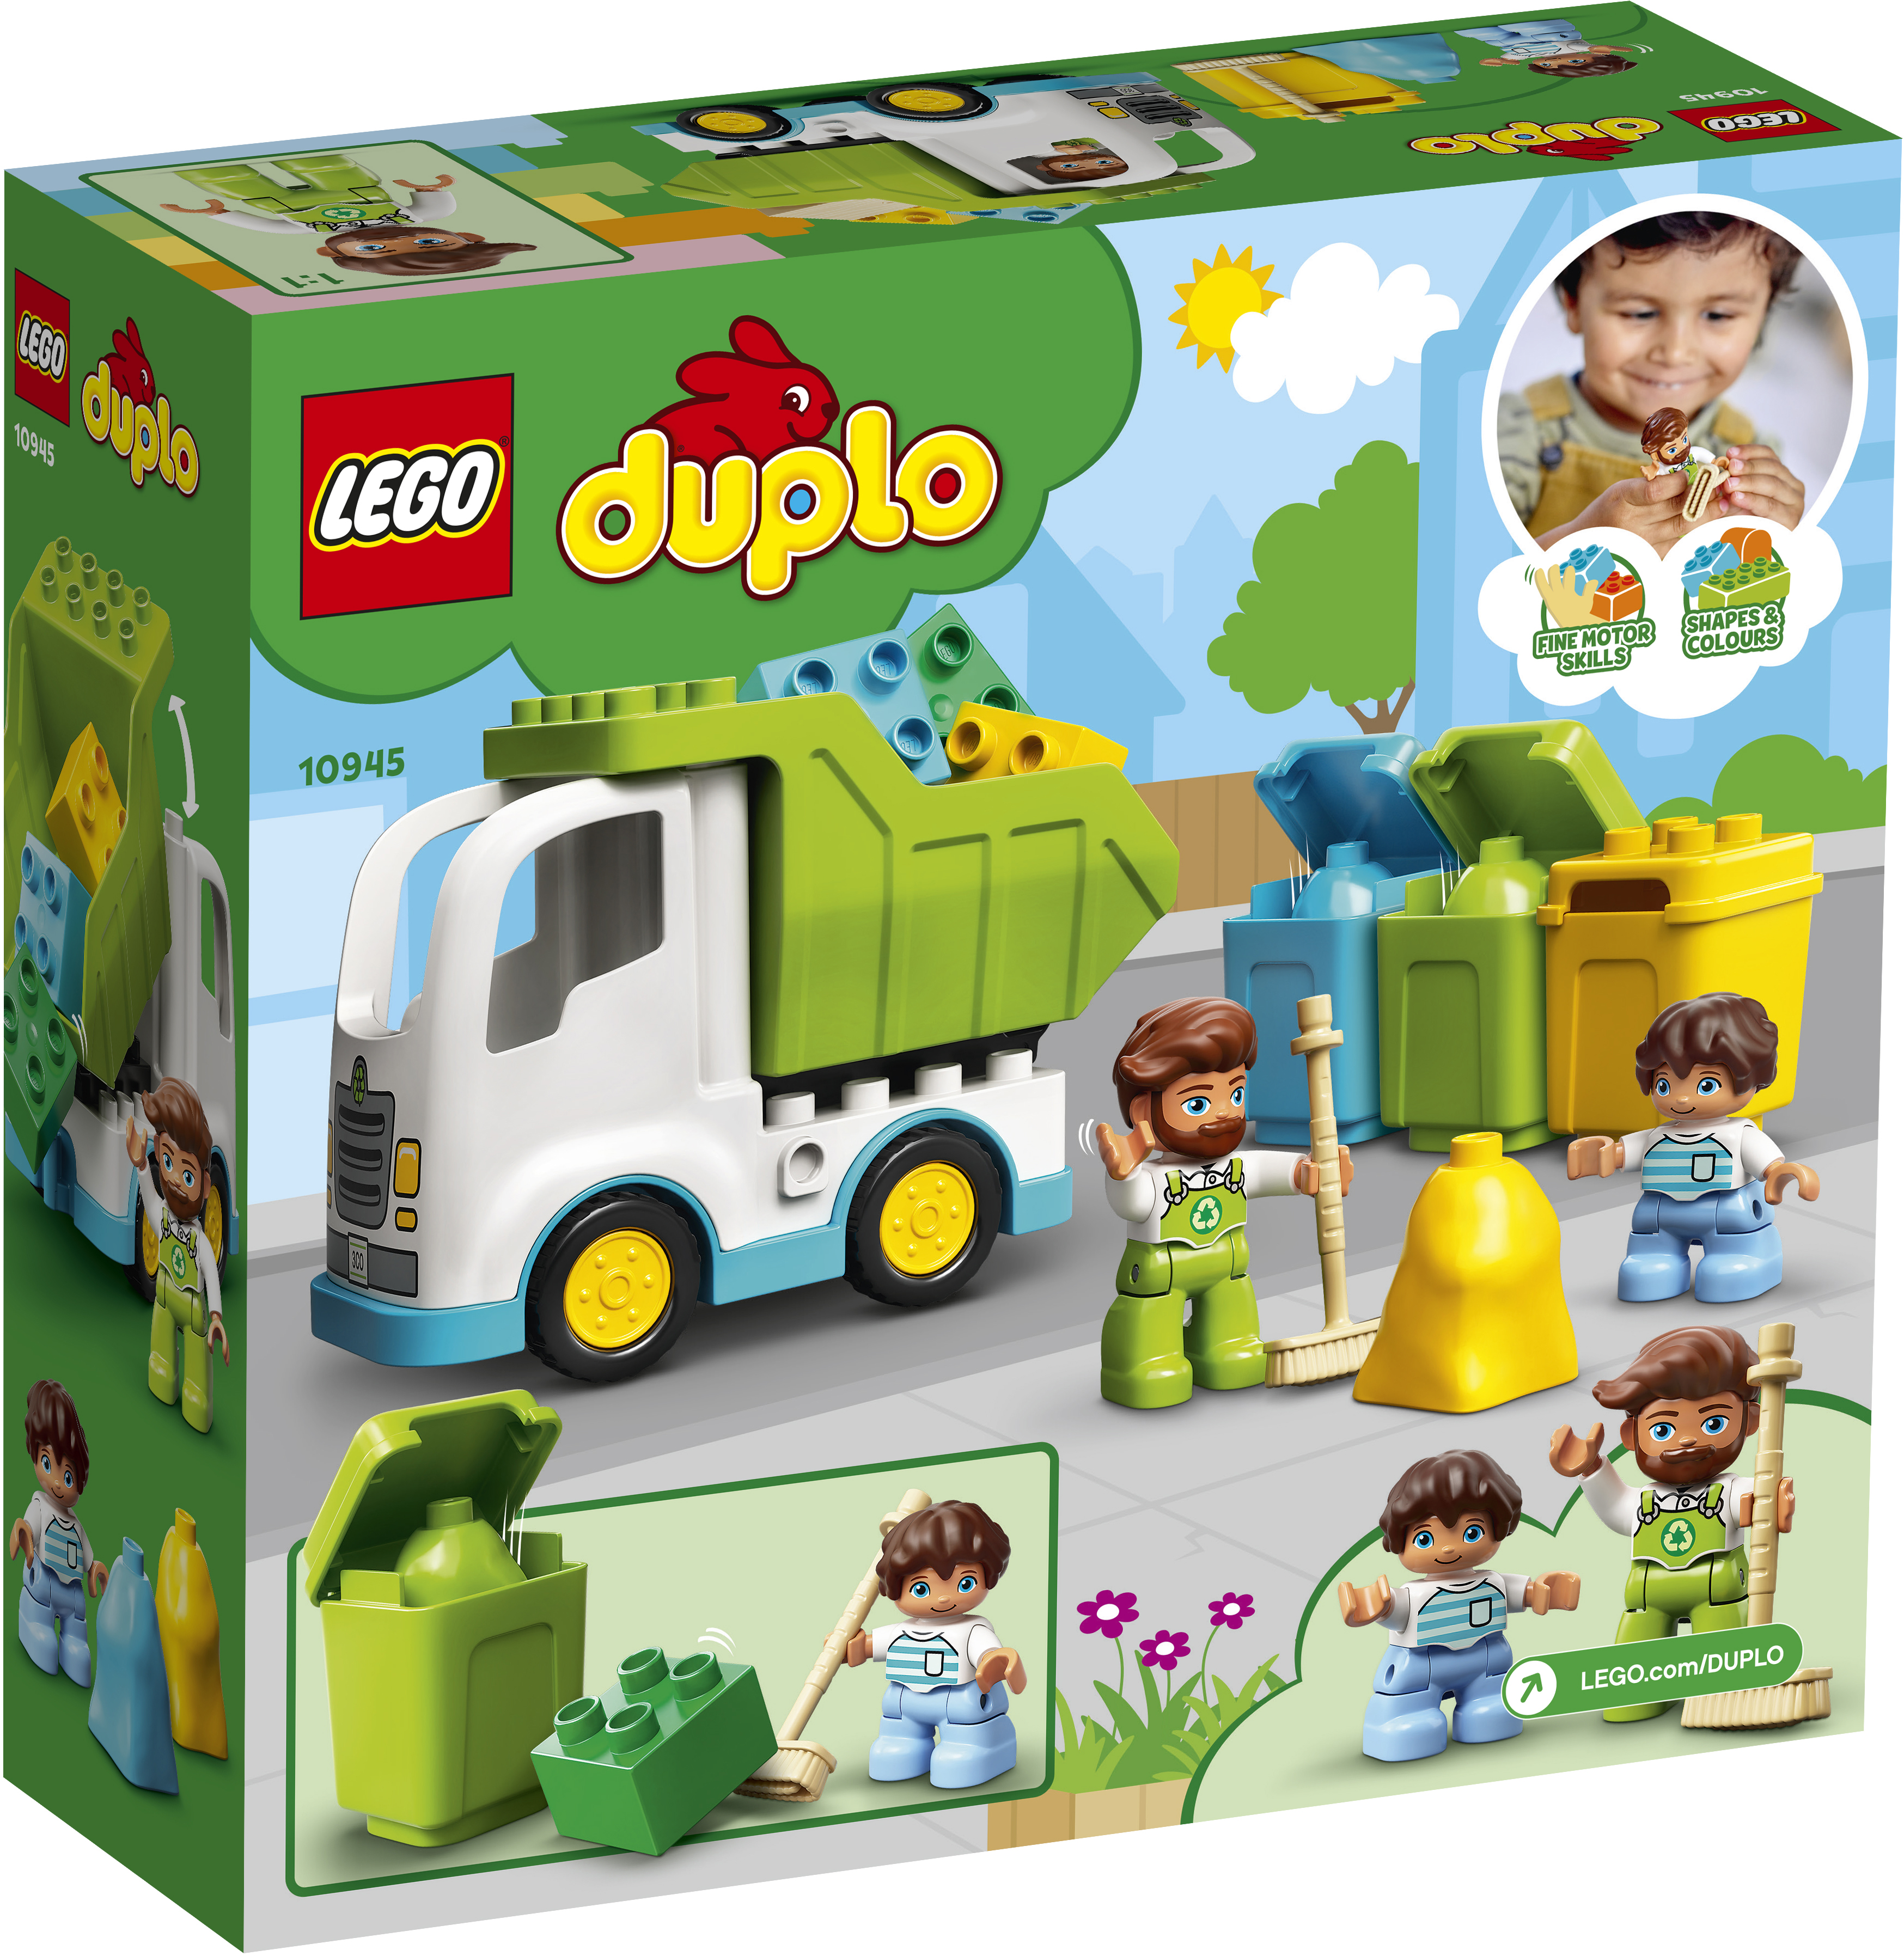 LEGO DUPLO Skraldebil og Genbrug - 10945